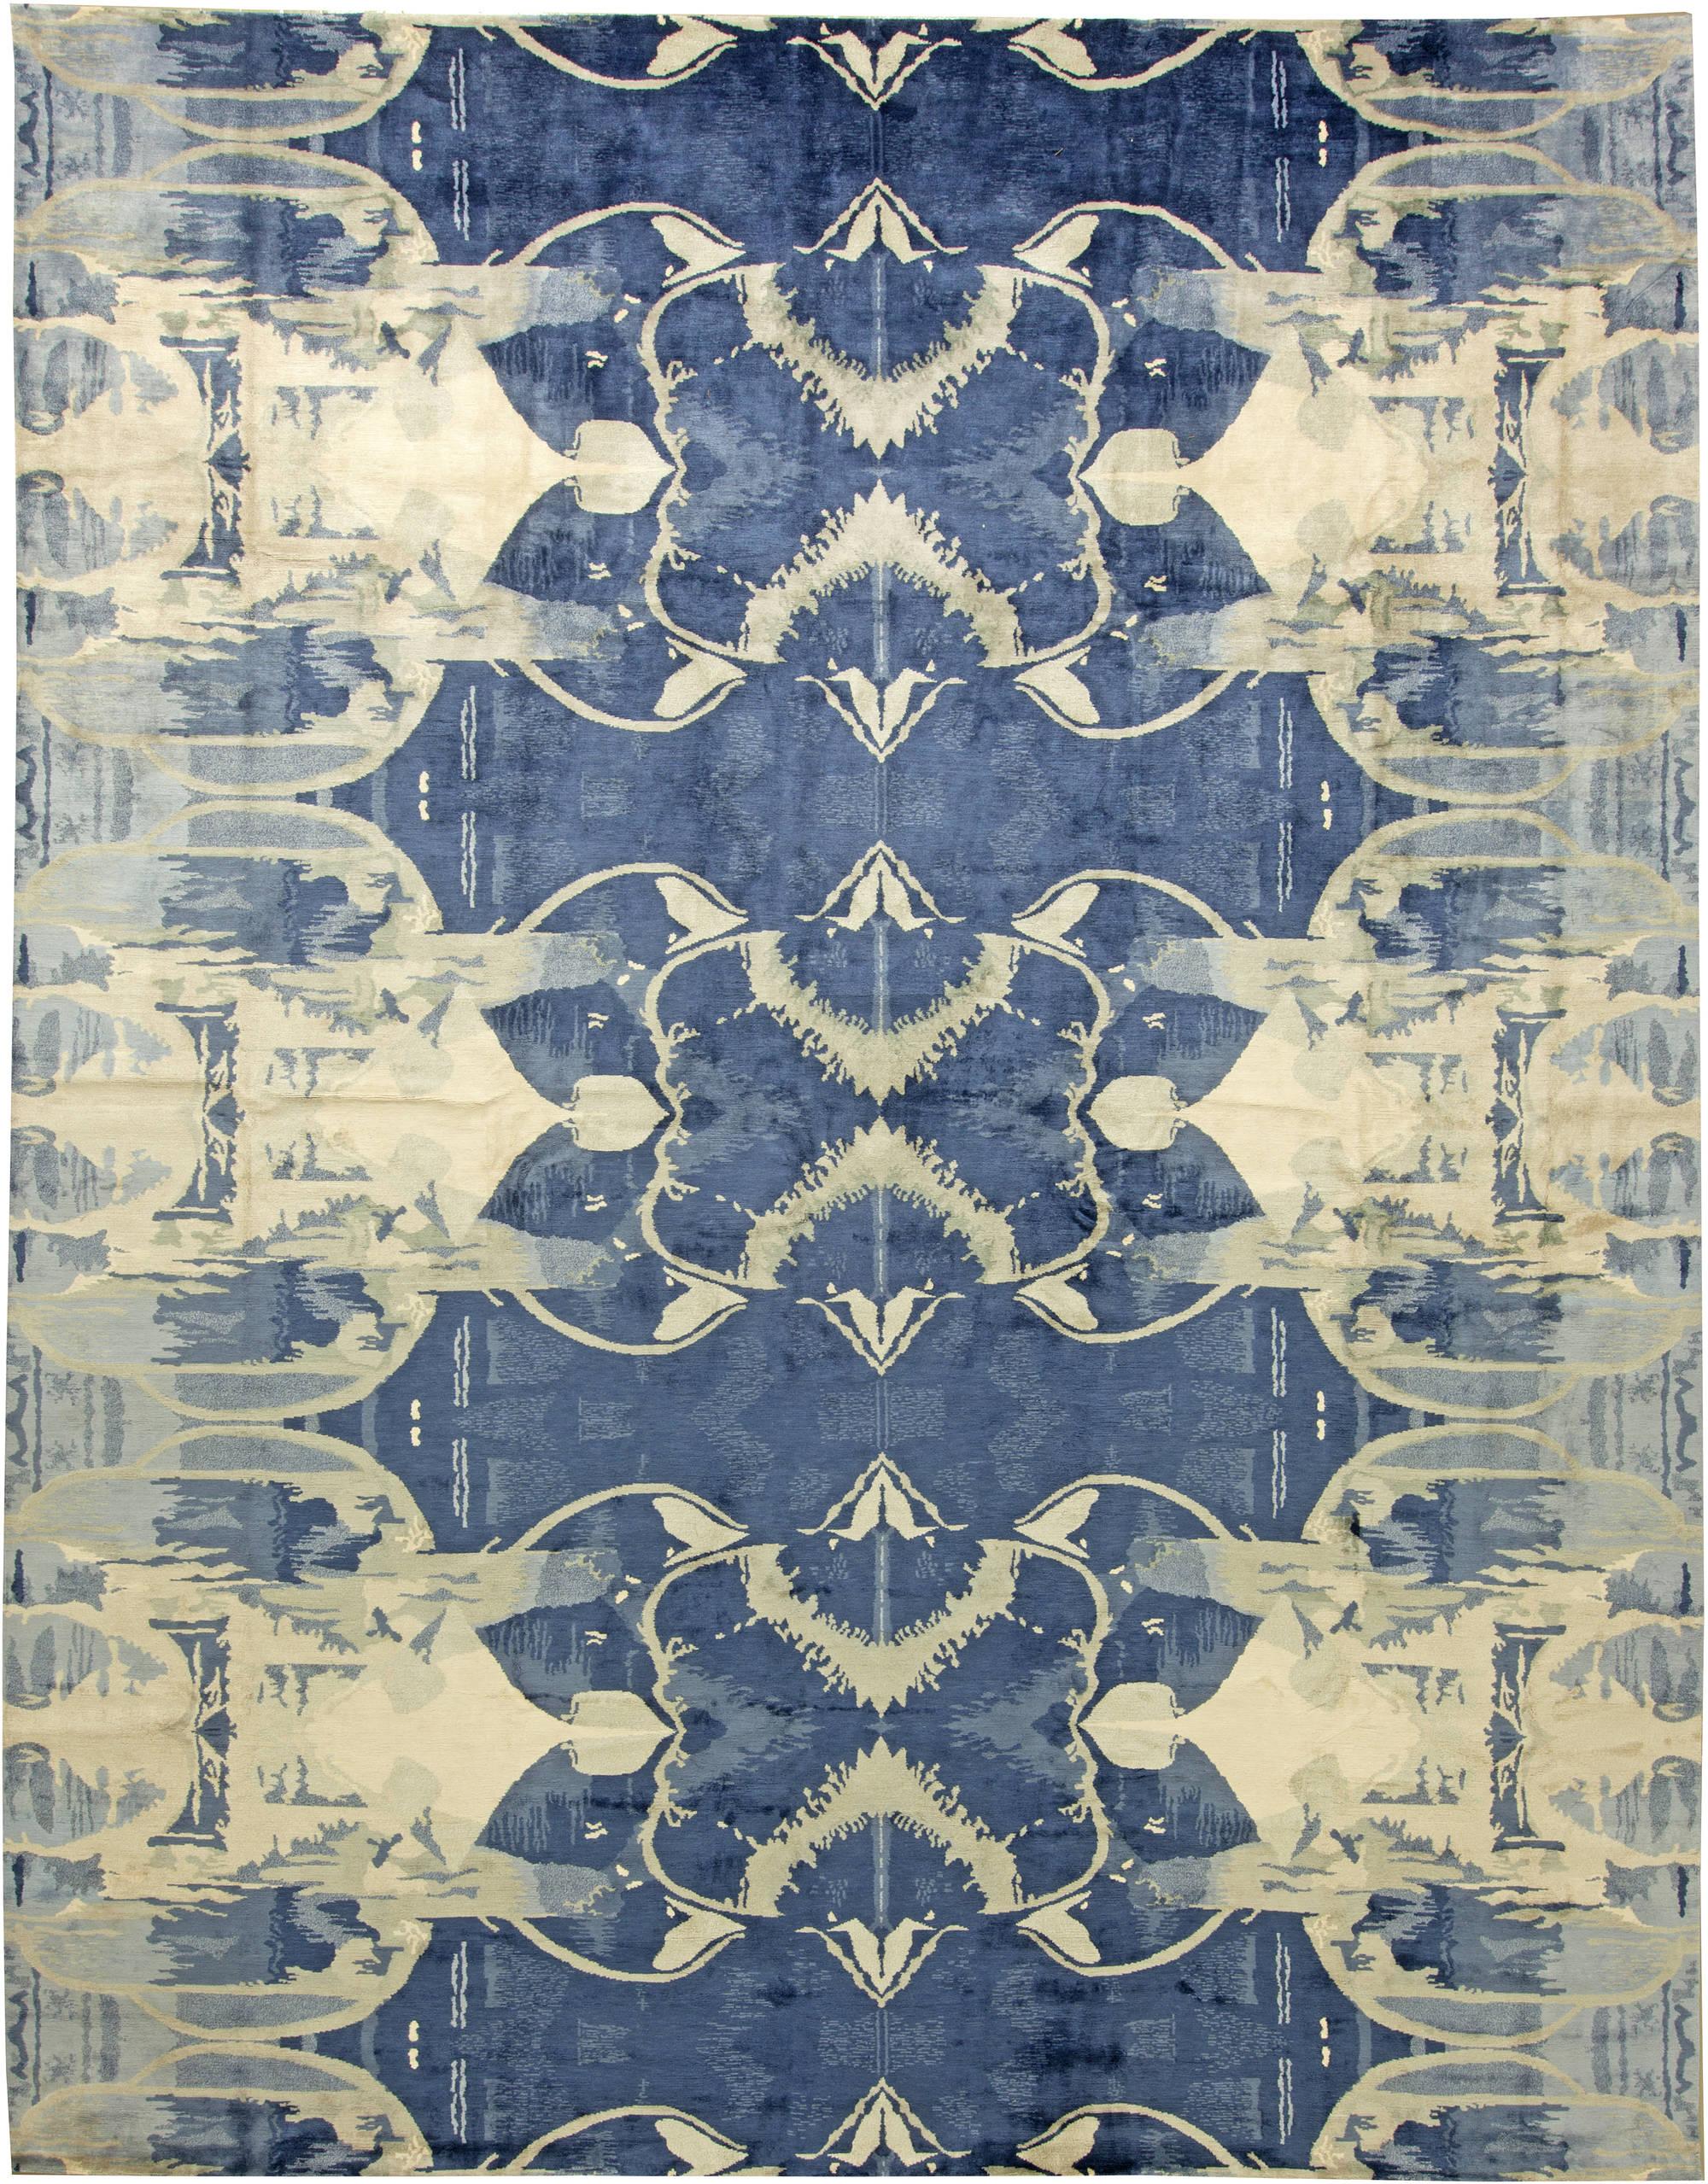 new carpet design contemporary blucie designed rug n11283. arrow down  47161db02bae4ef92bdede423862e8f0c2b91f81311572b5a8bb90eef3001a34 BDEBUJZ